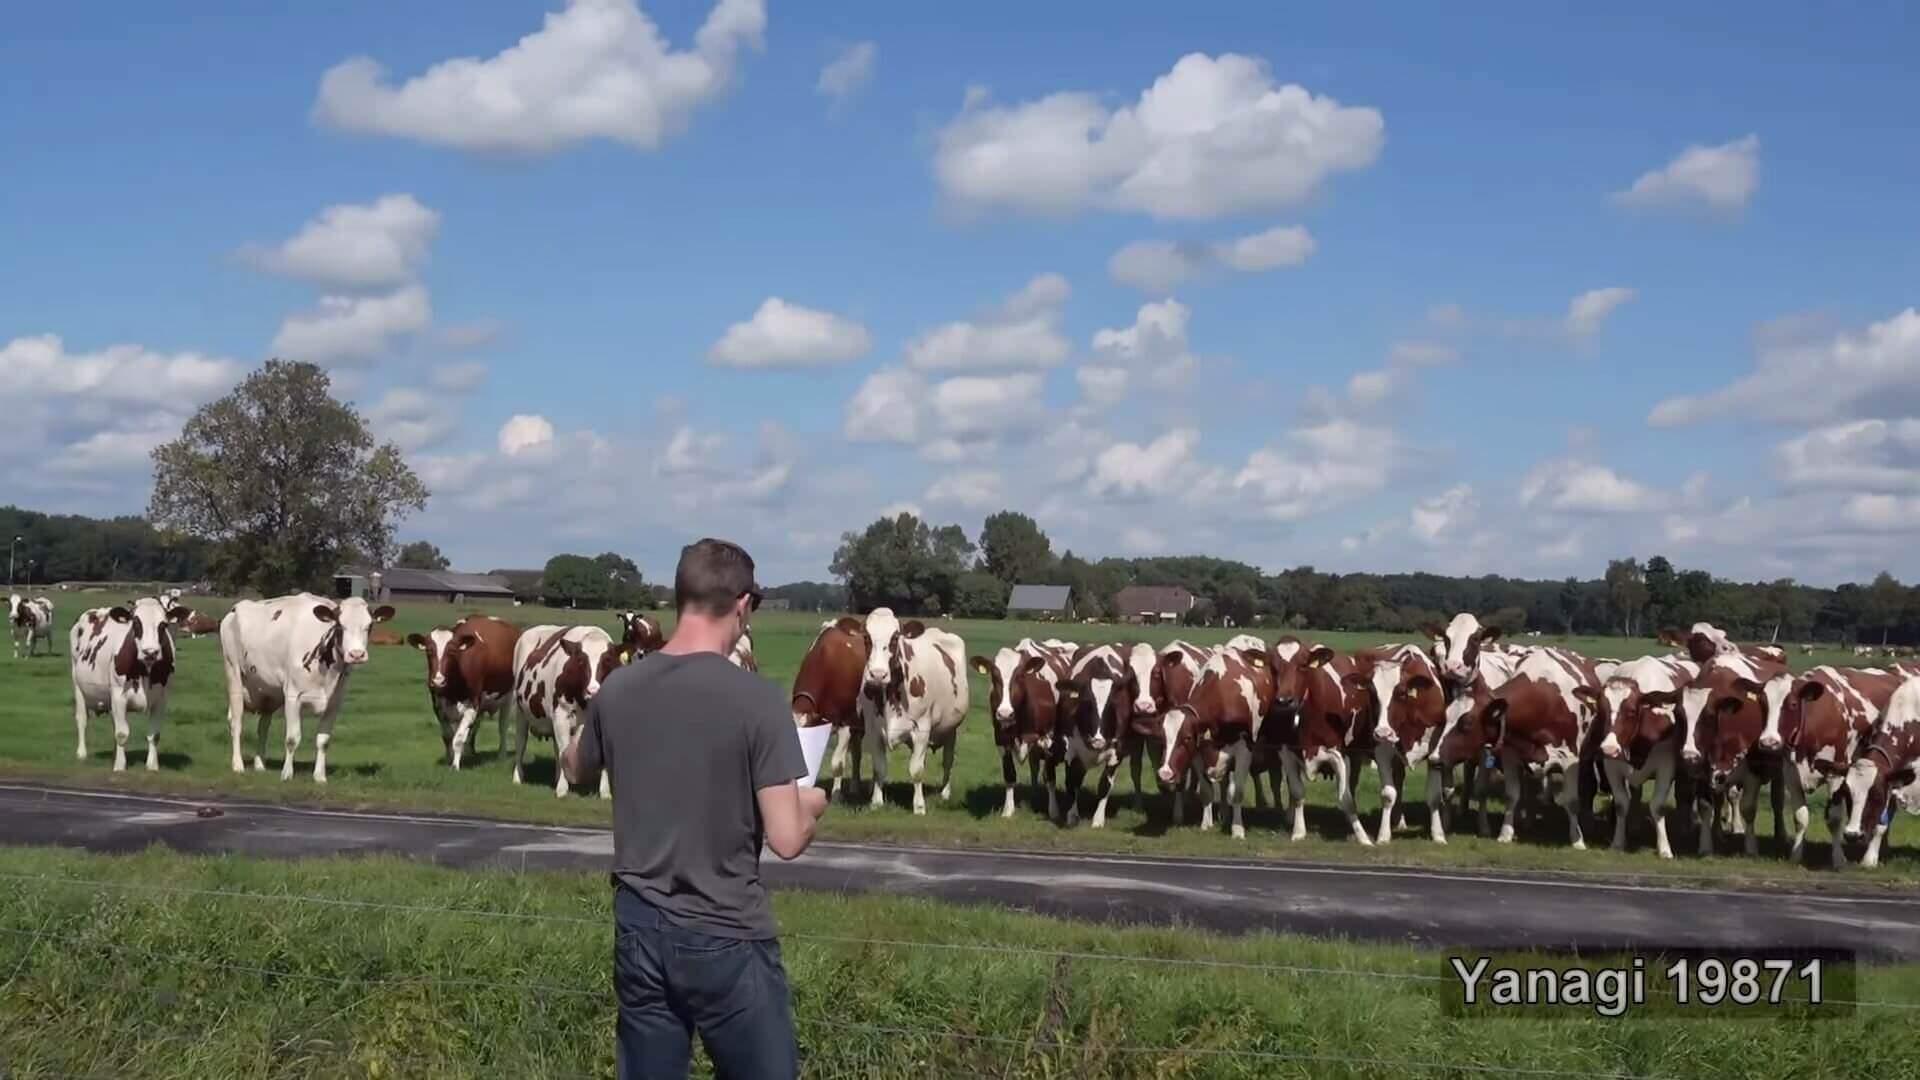 最強のゲップ師、ゲップのパワーのみで牛を呼び寄せる妙技を披露